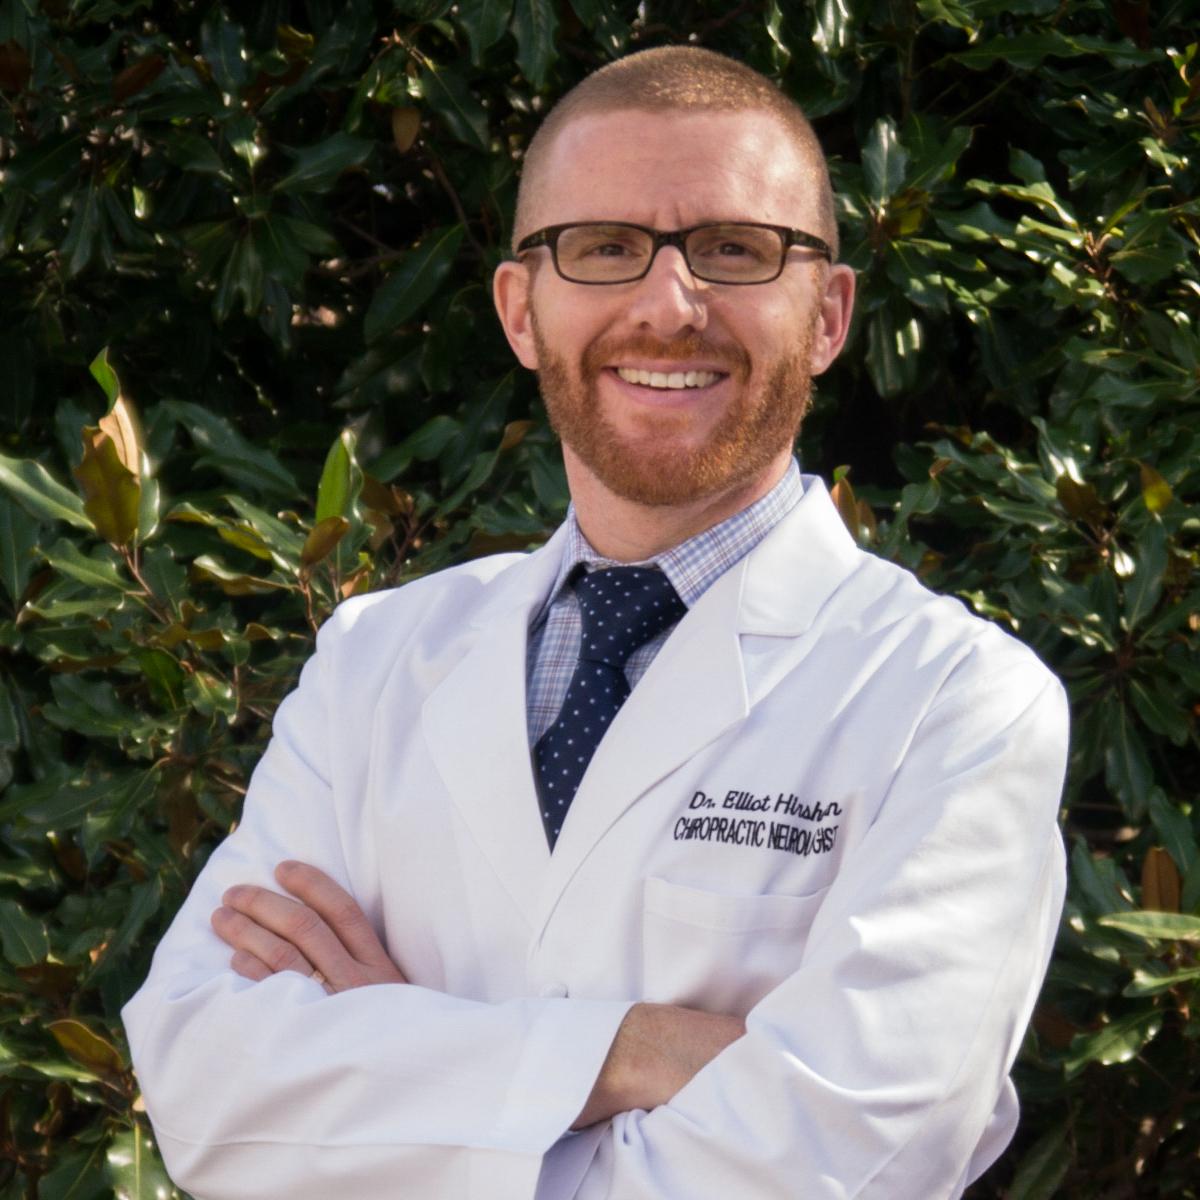 Dr. Elliot Hirshorn